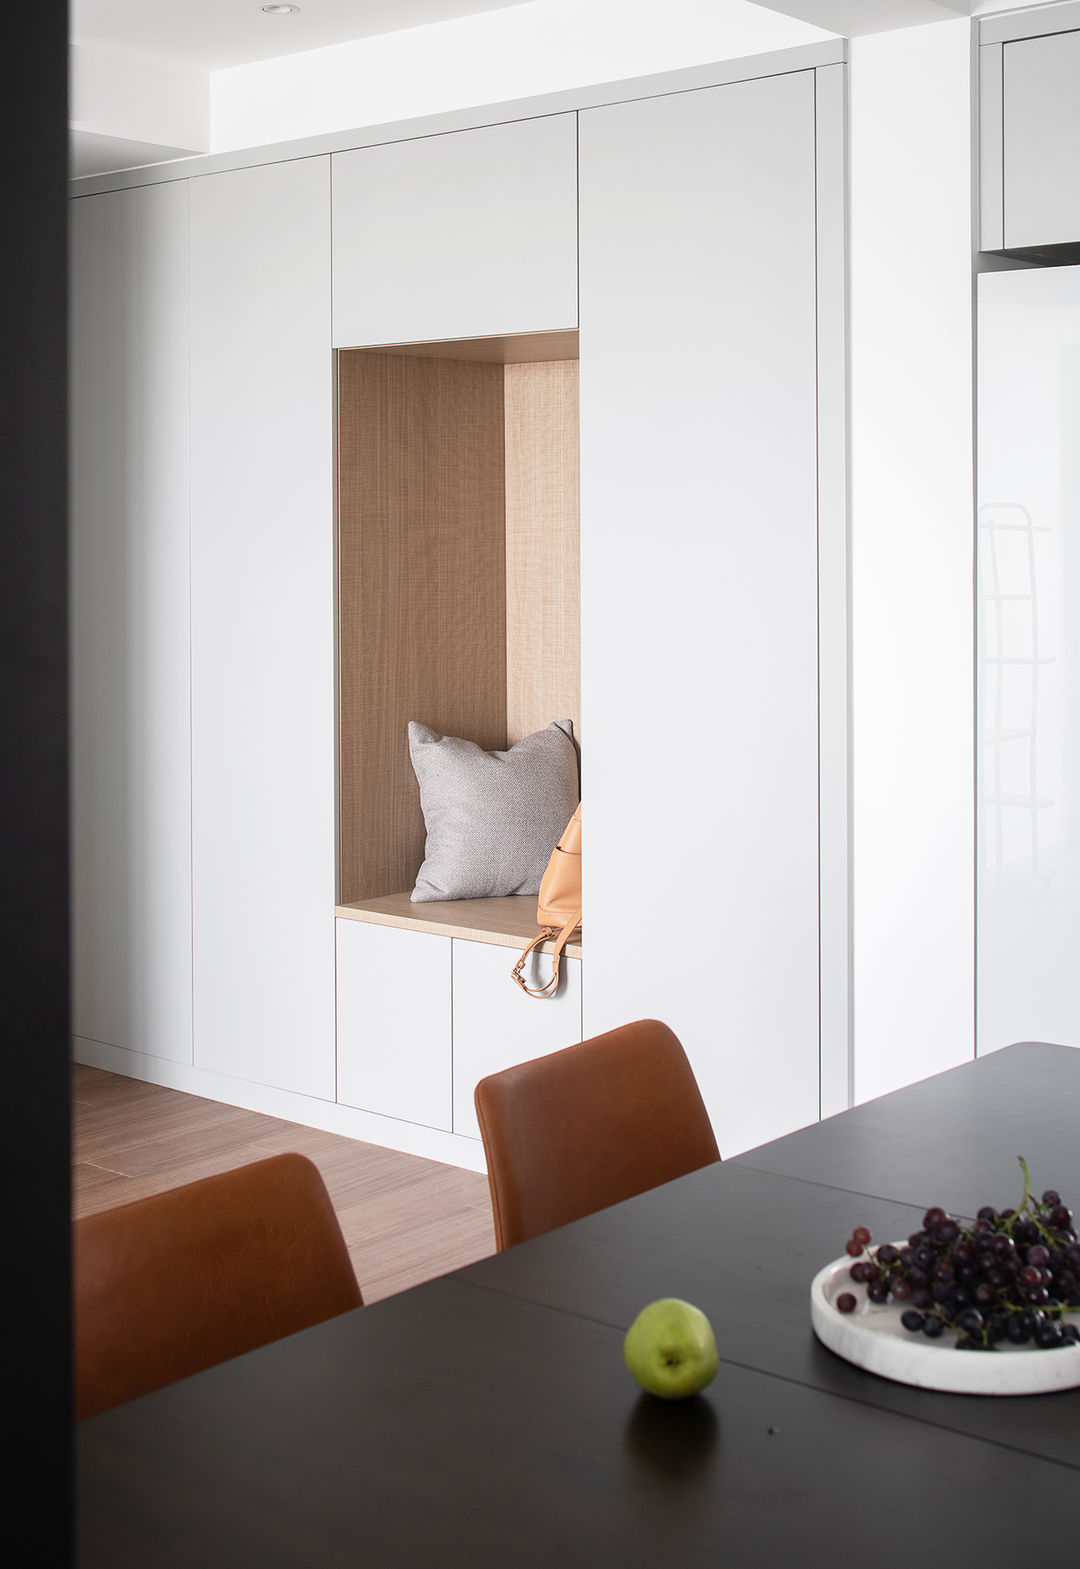 现代简约风格住宅丨深白设计赋予家倍感舒适的仪式感